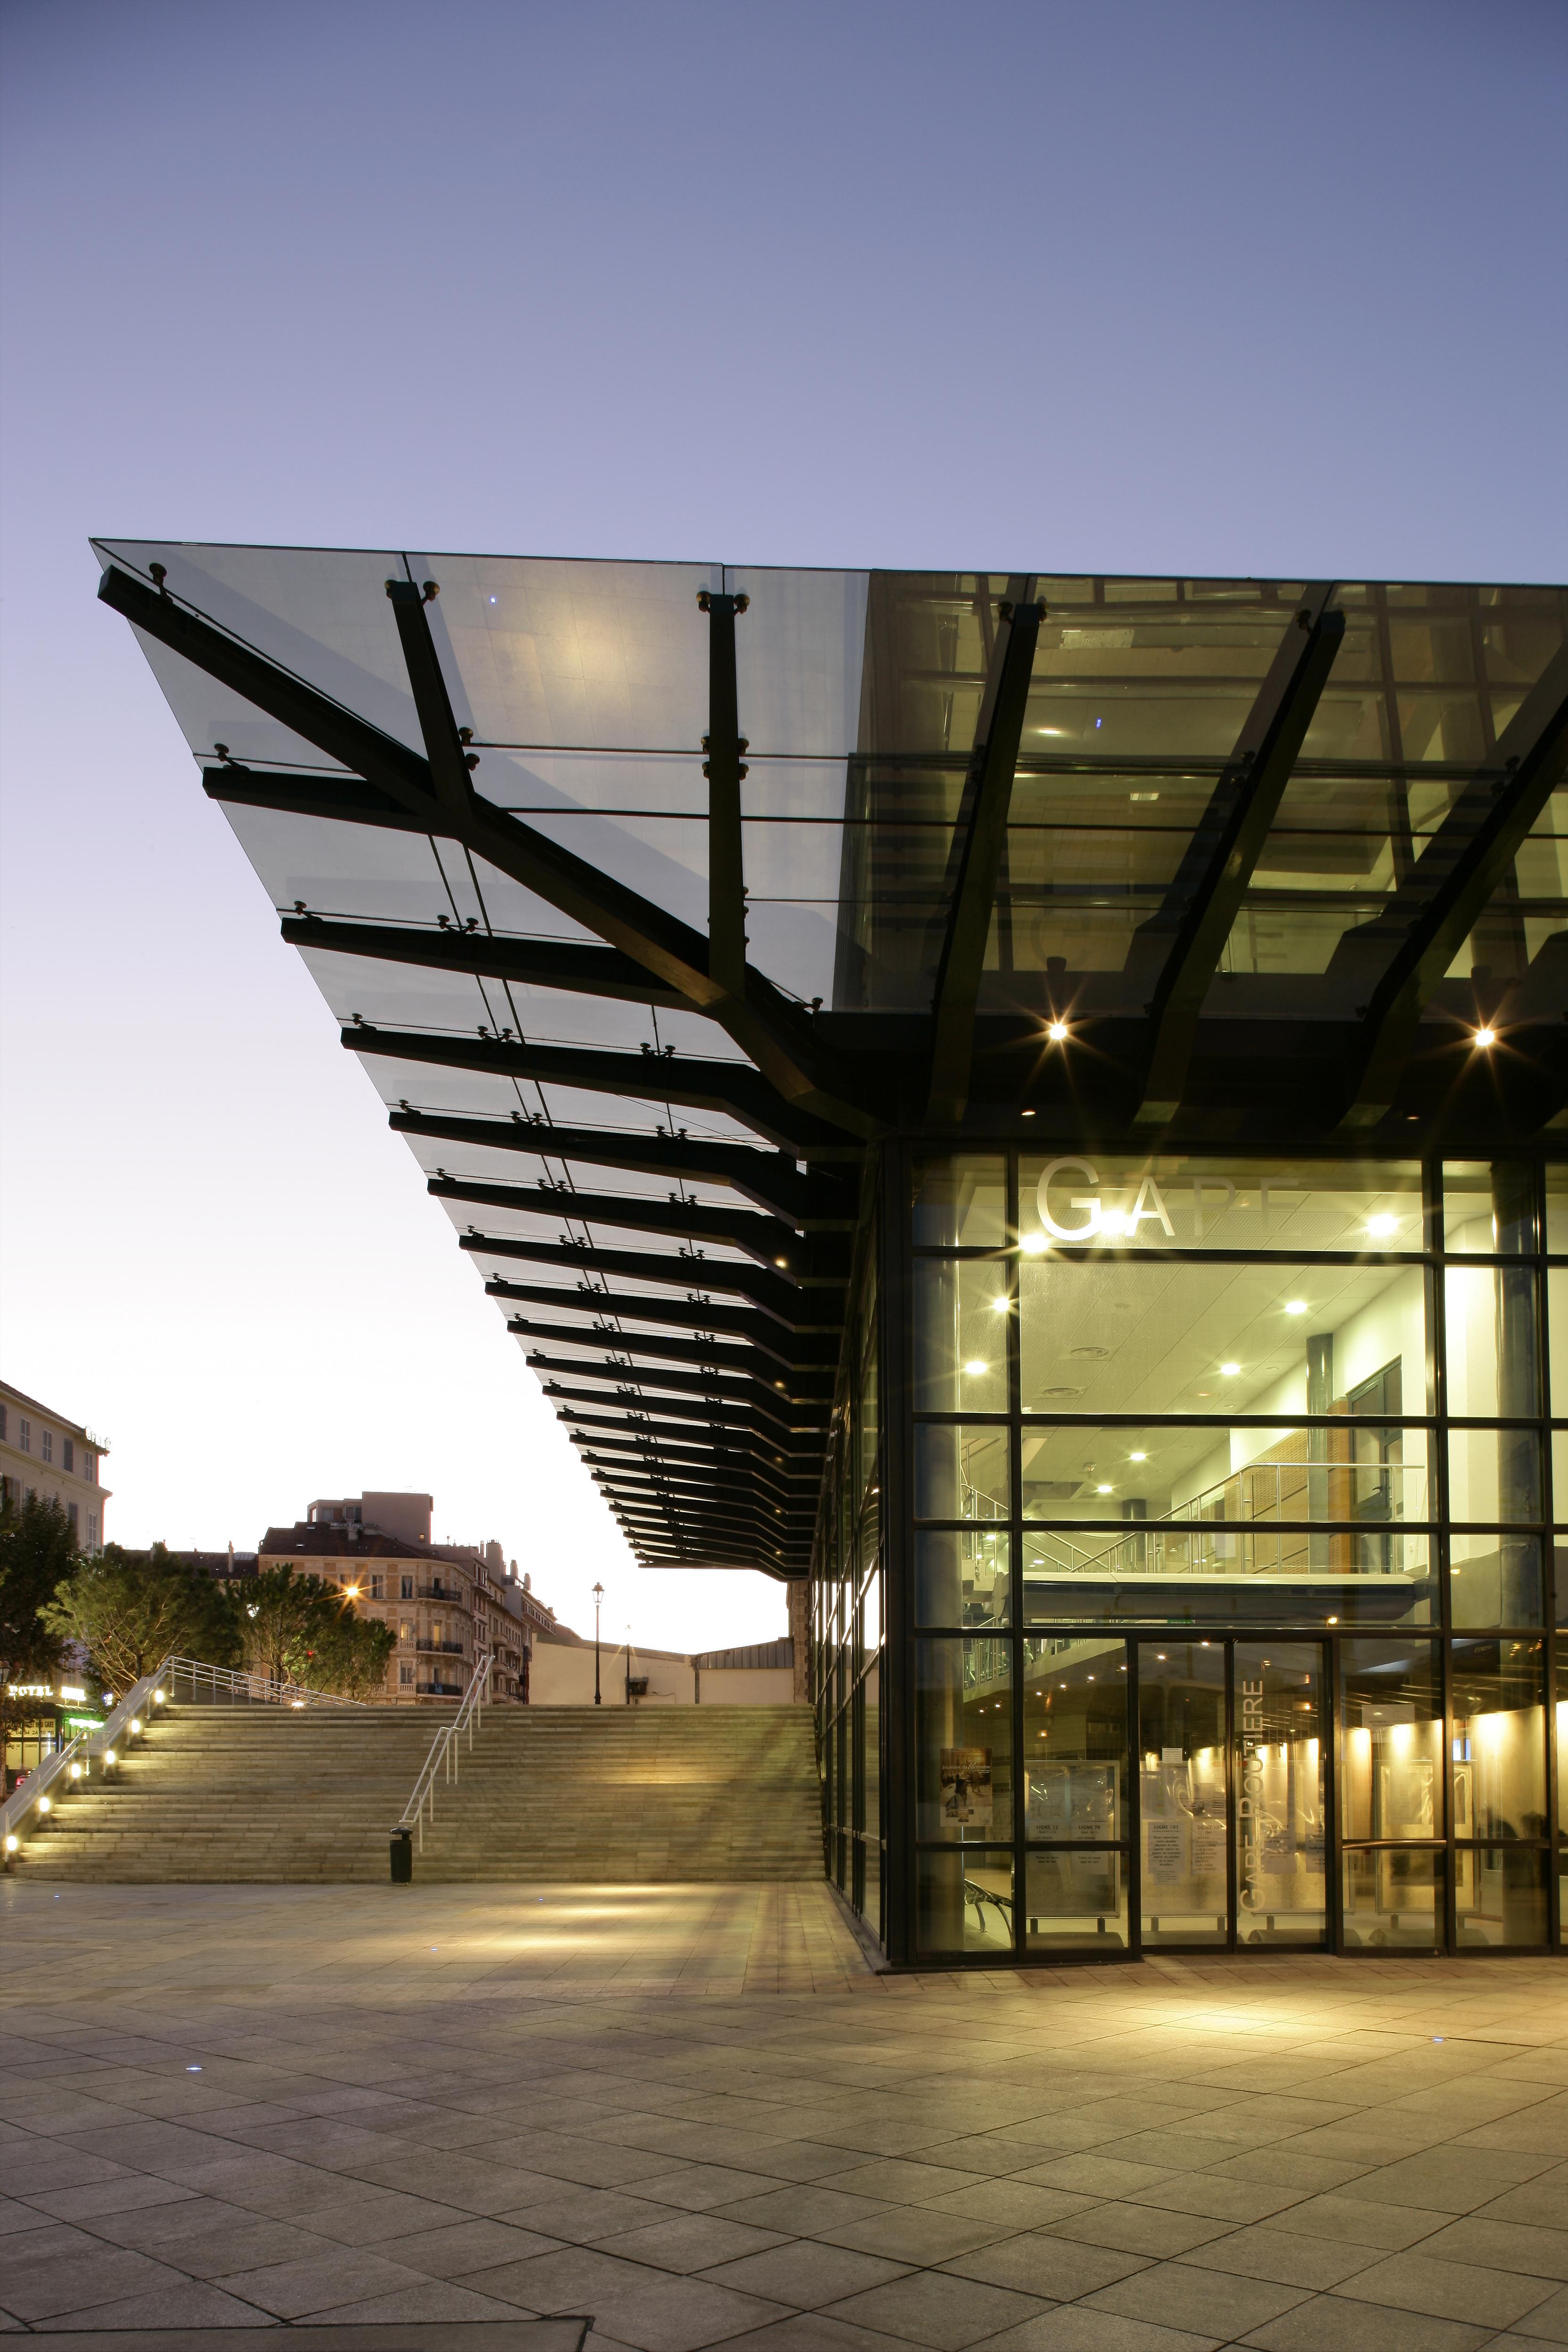 Extérieur de la gare routière de toulon par AAPL architecte DPLG dans le VAR